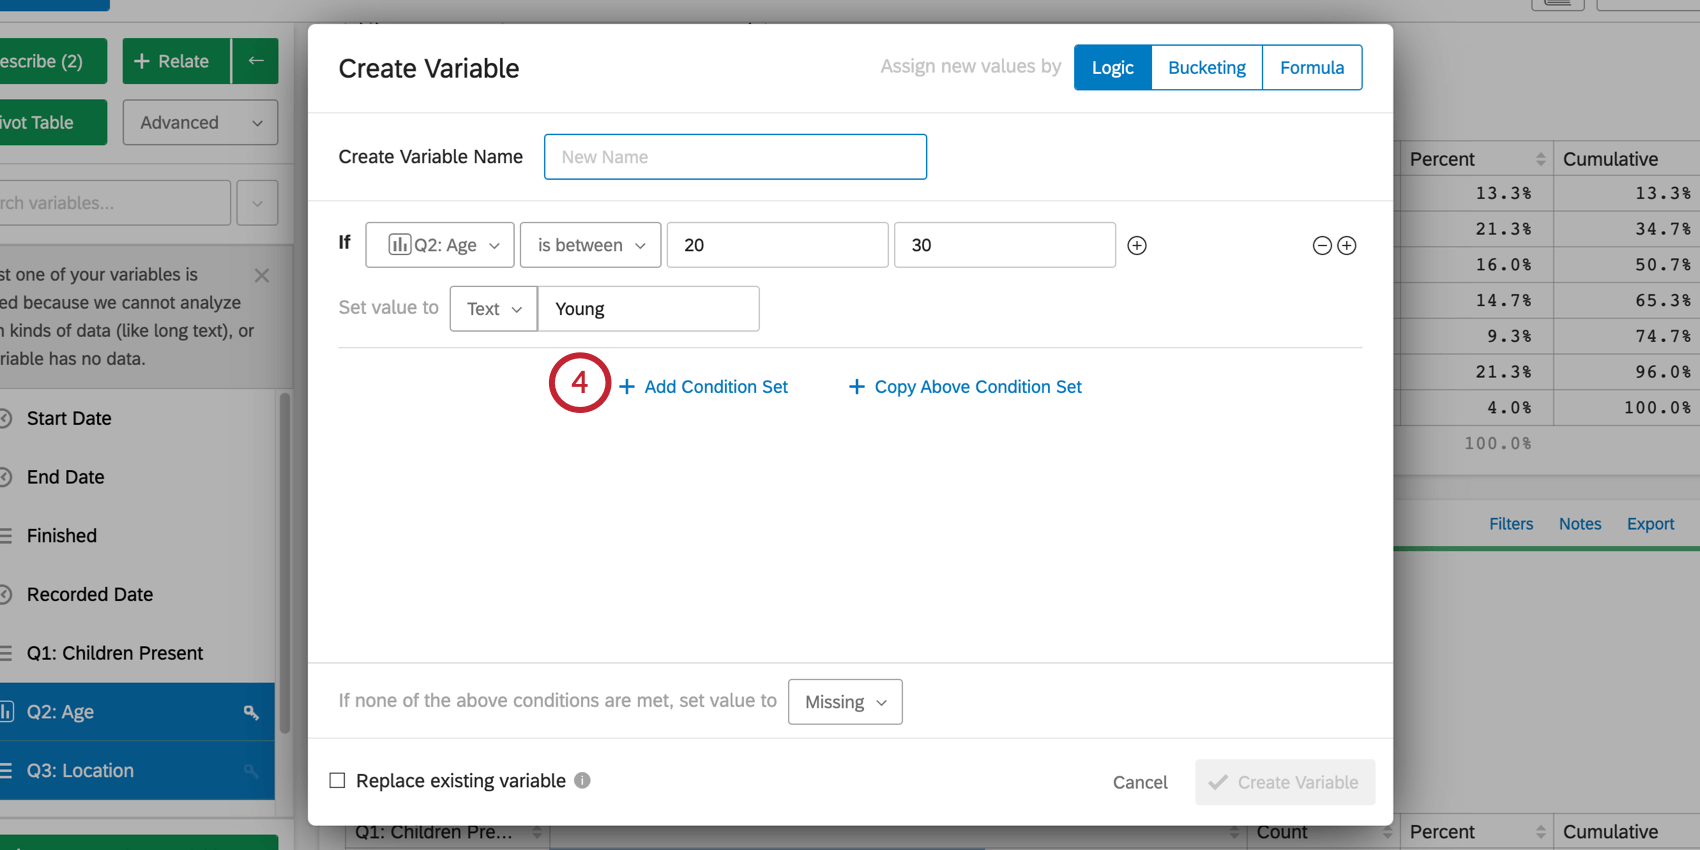 Click Add Condition Set